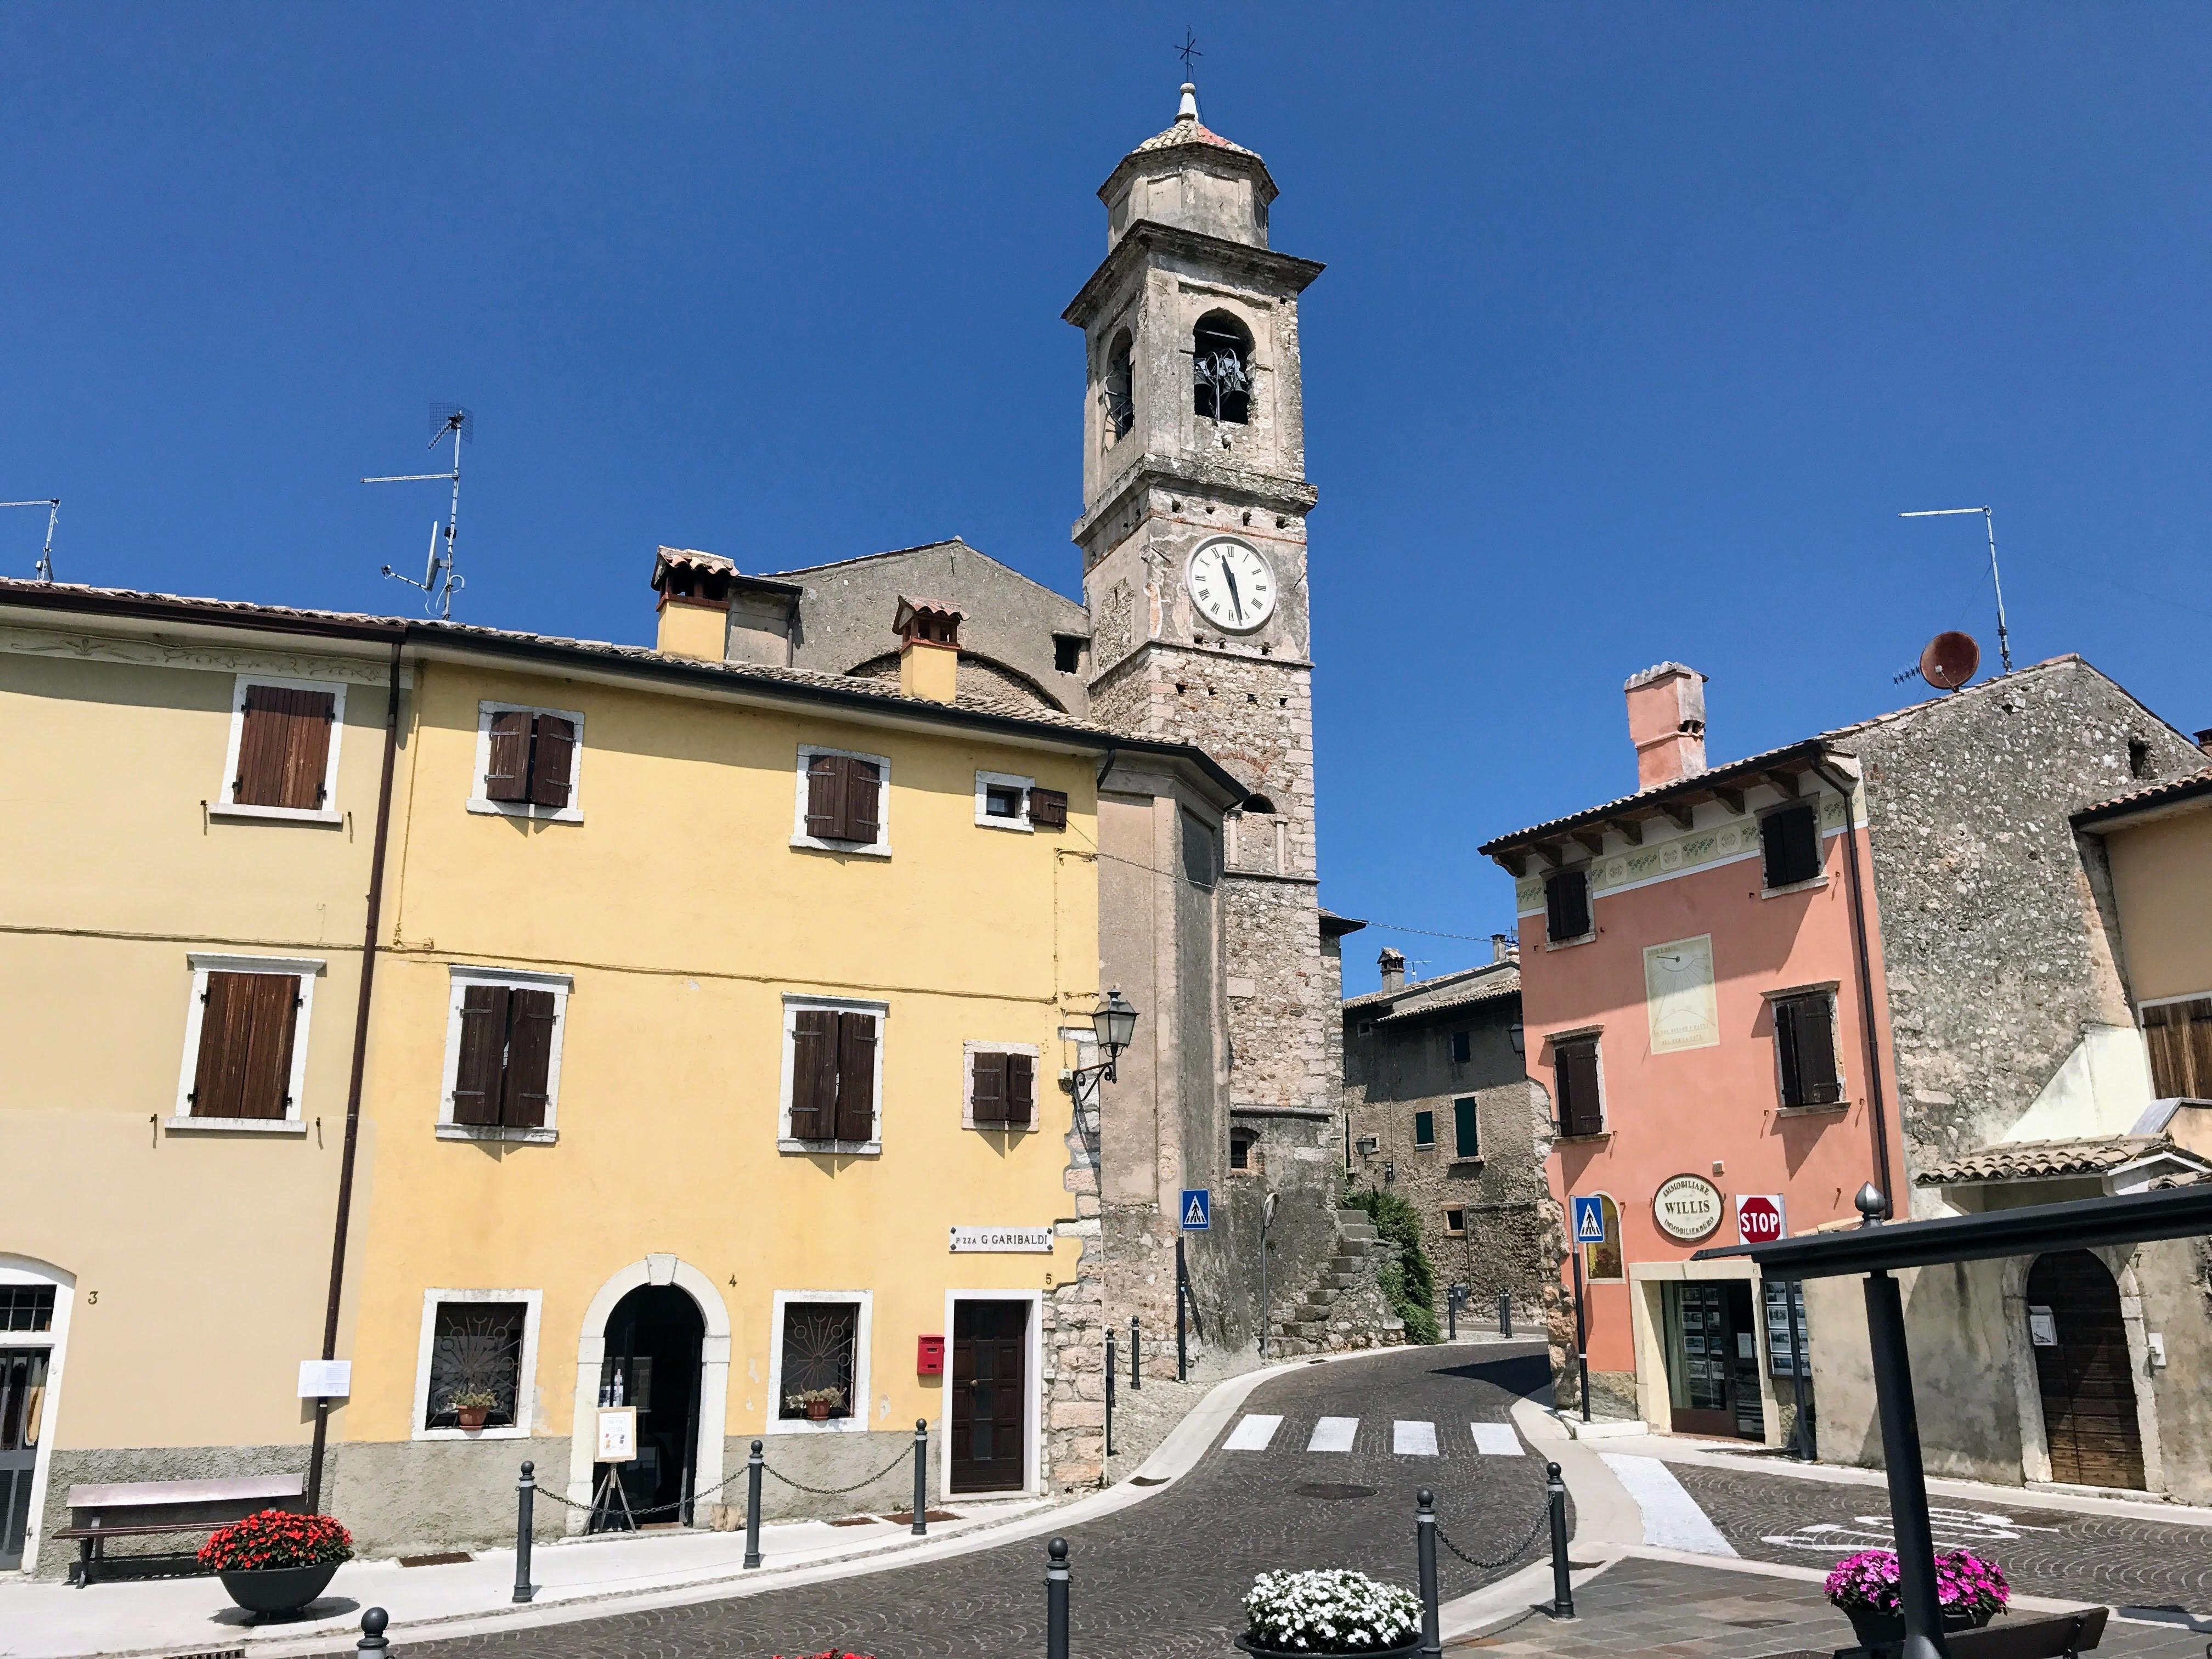 Het kerkje van Albisano - Torri del Benaco